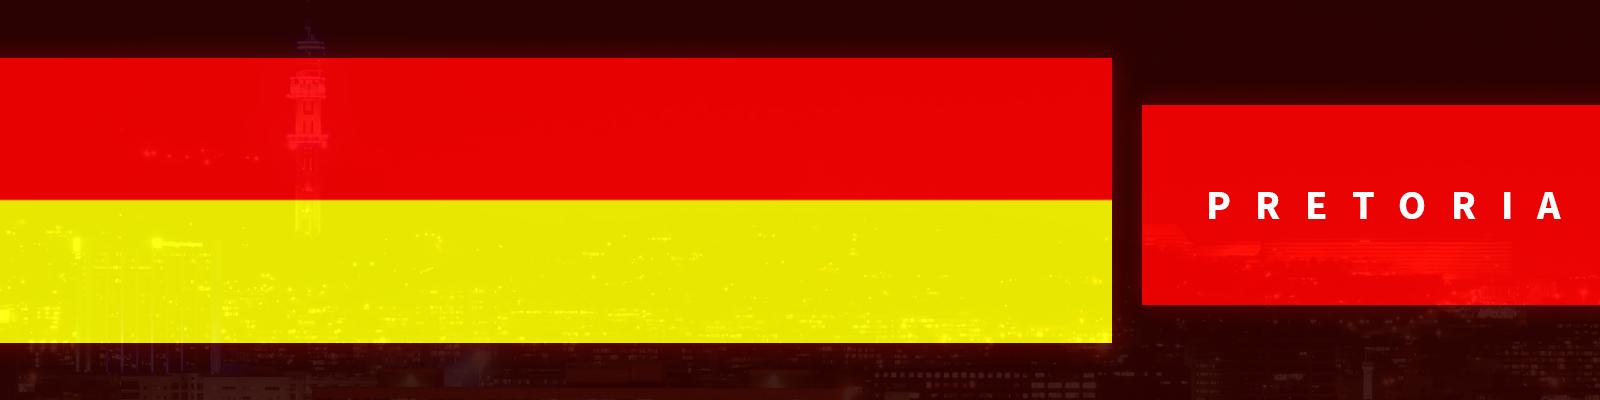 pretoria app developers